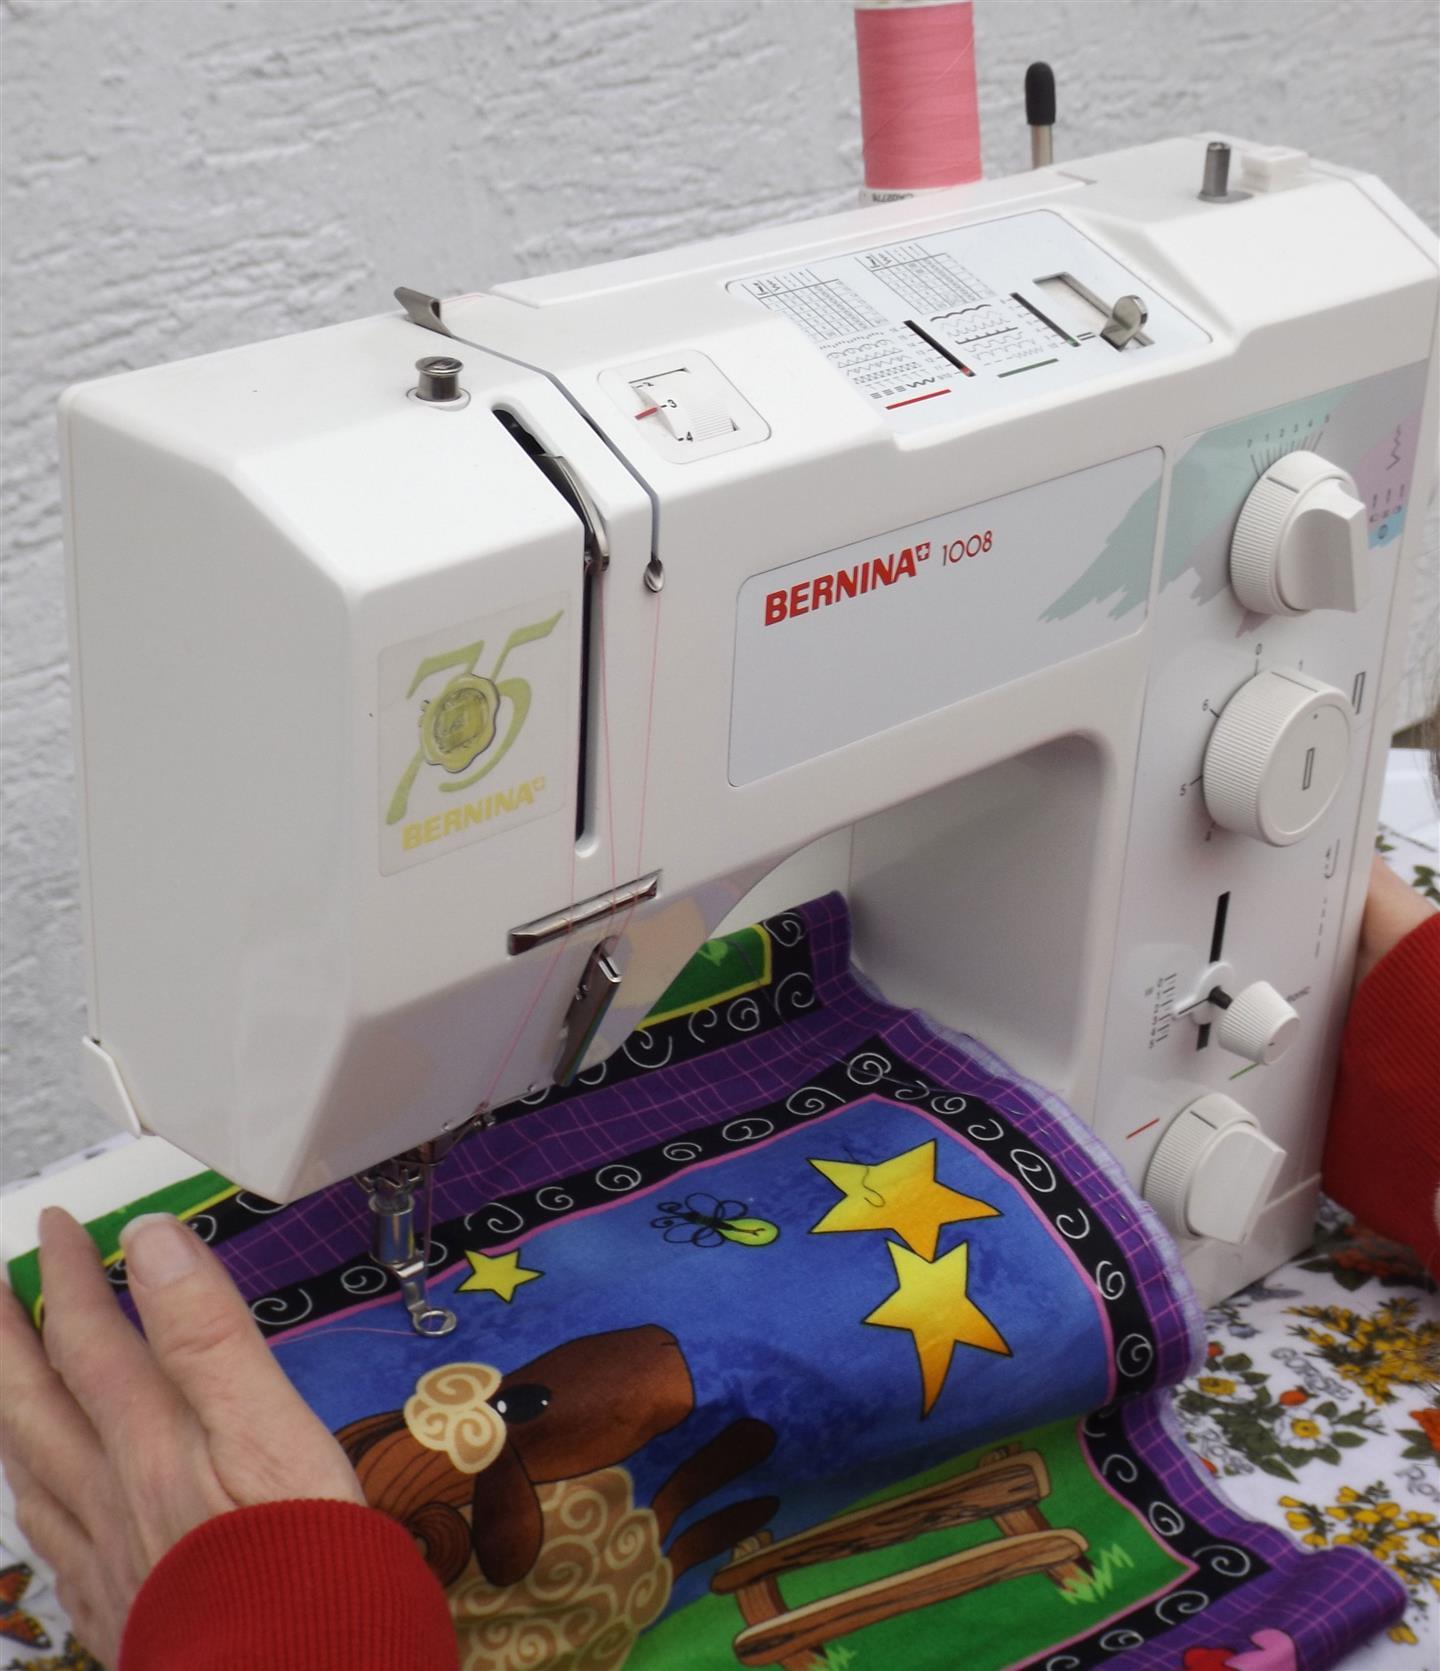 SEWING MACHINE BASICS - AM